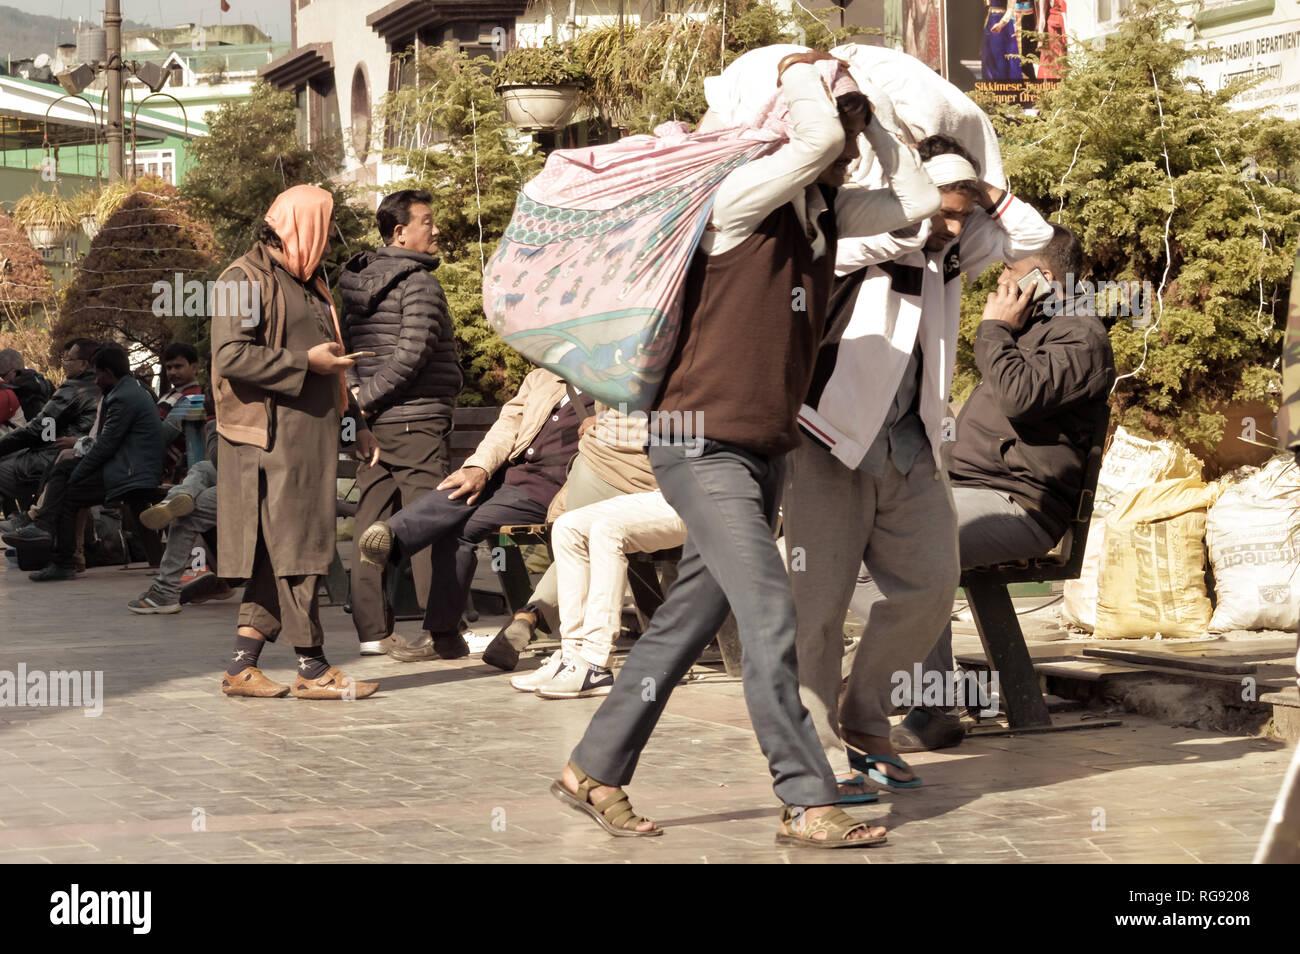 MG Marg Gangtok Sikkim India Dicembre, 26, 2018: lavoro di persone a piedi nella trafficata MG Marg street. Messa a fuoco selettiva. Immagini Stock